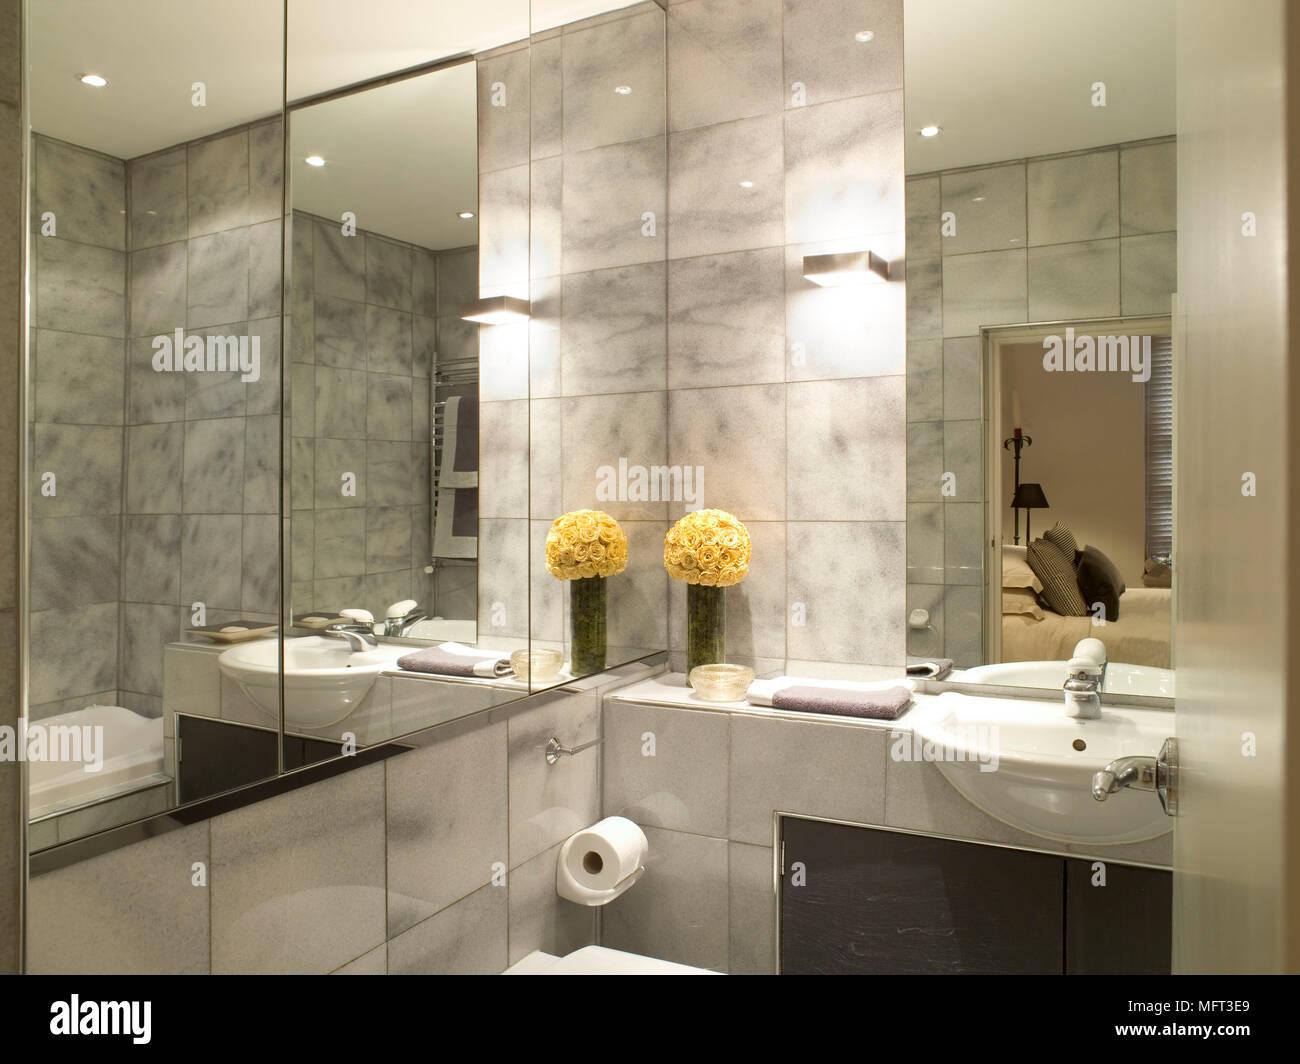 Modernes Badezimmer Detail Fliesen Waschbecken In Einheit Spiegel Wände  Interieur Bäder Neutral Kühle Farben Waschbecken Set